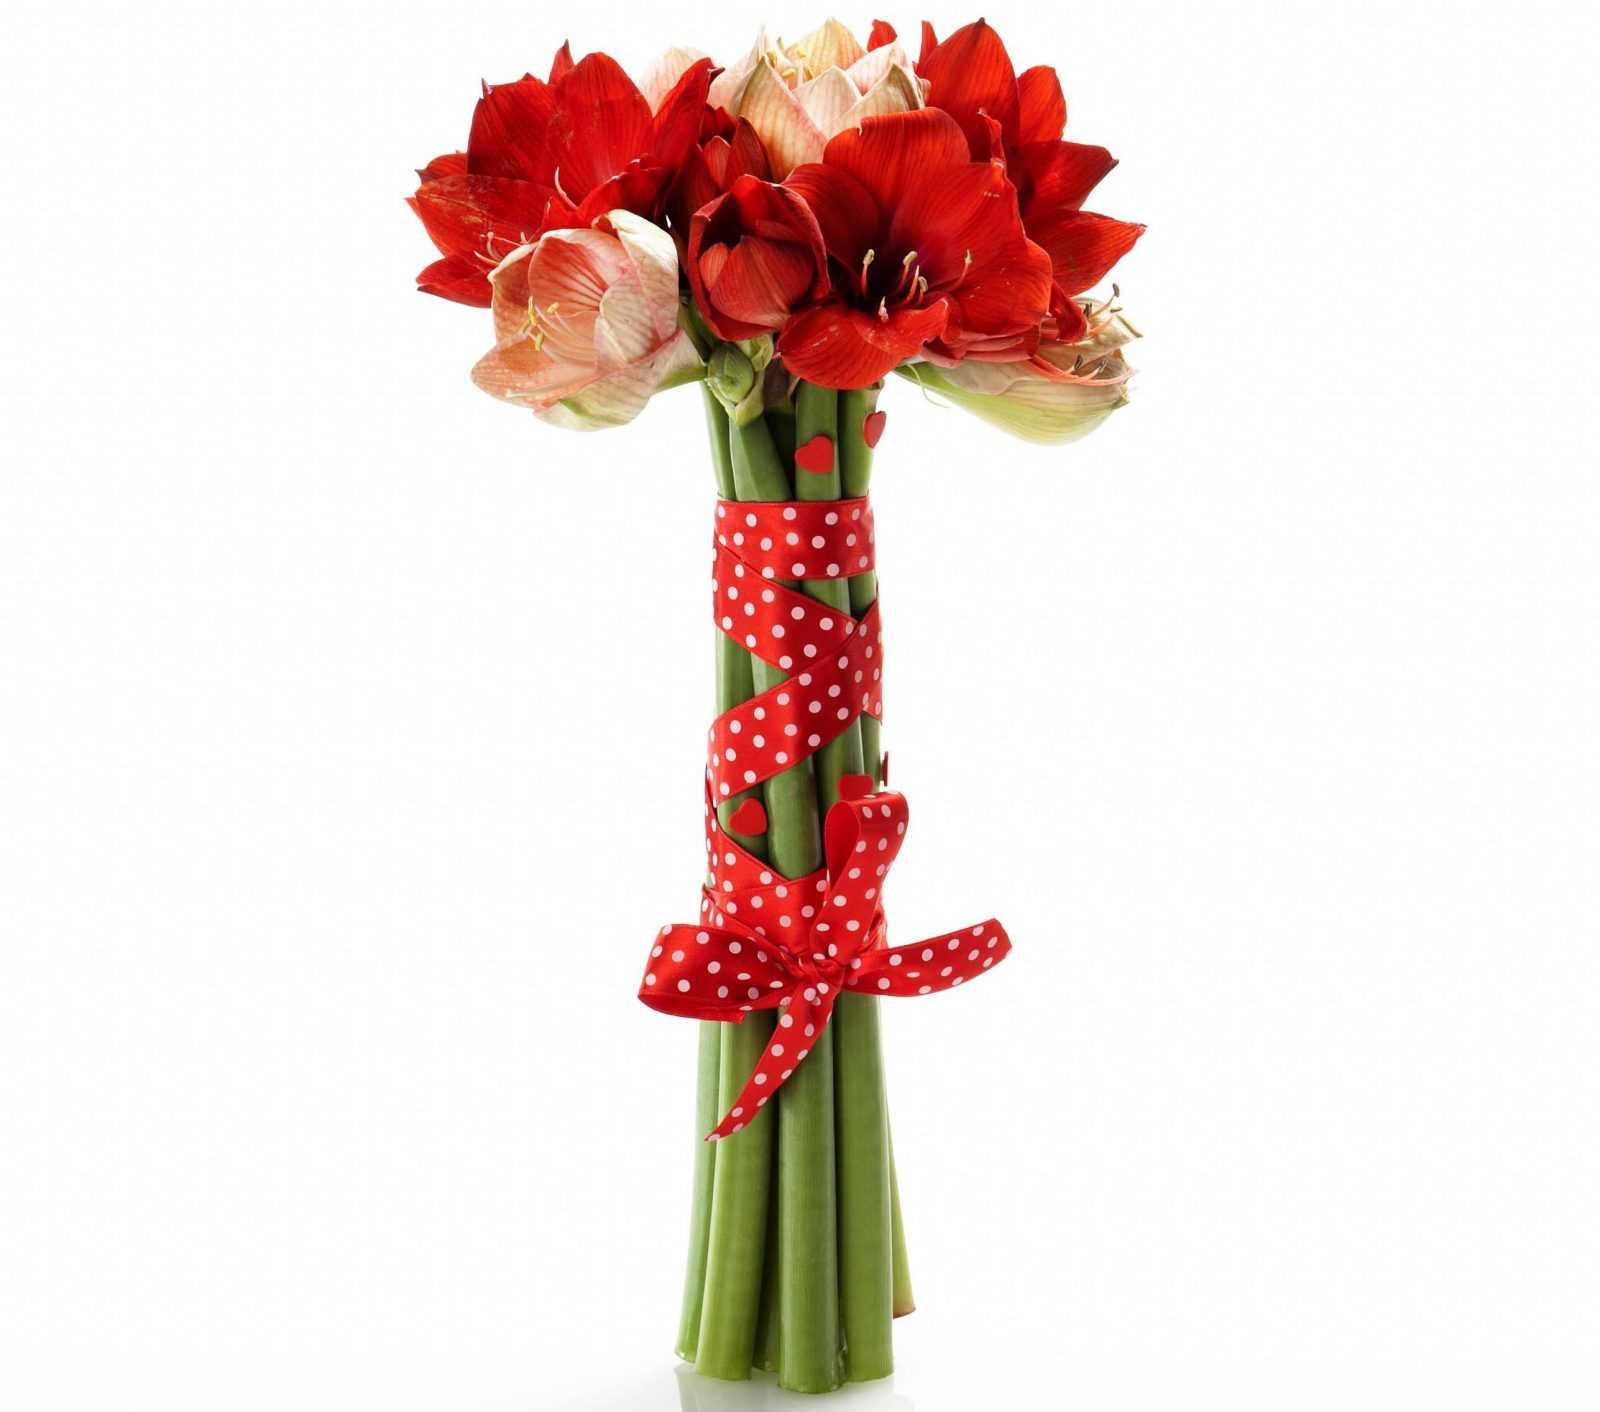 Какие цветы дарят мужчине на день рождения фото